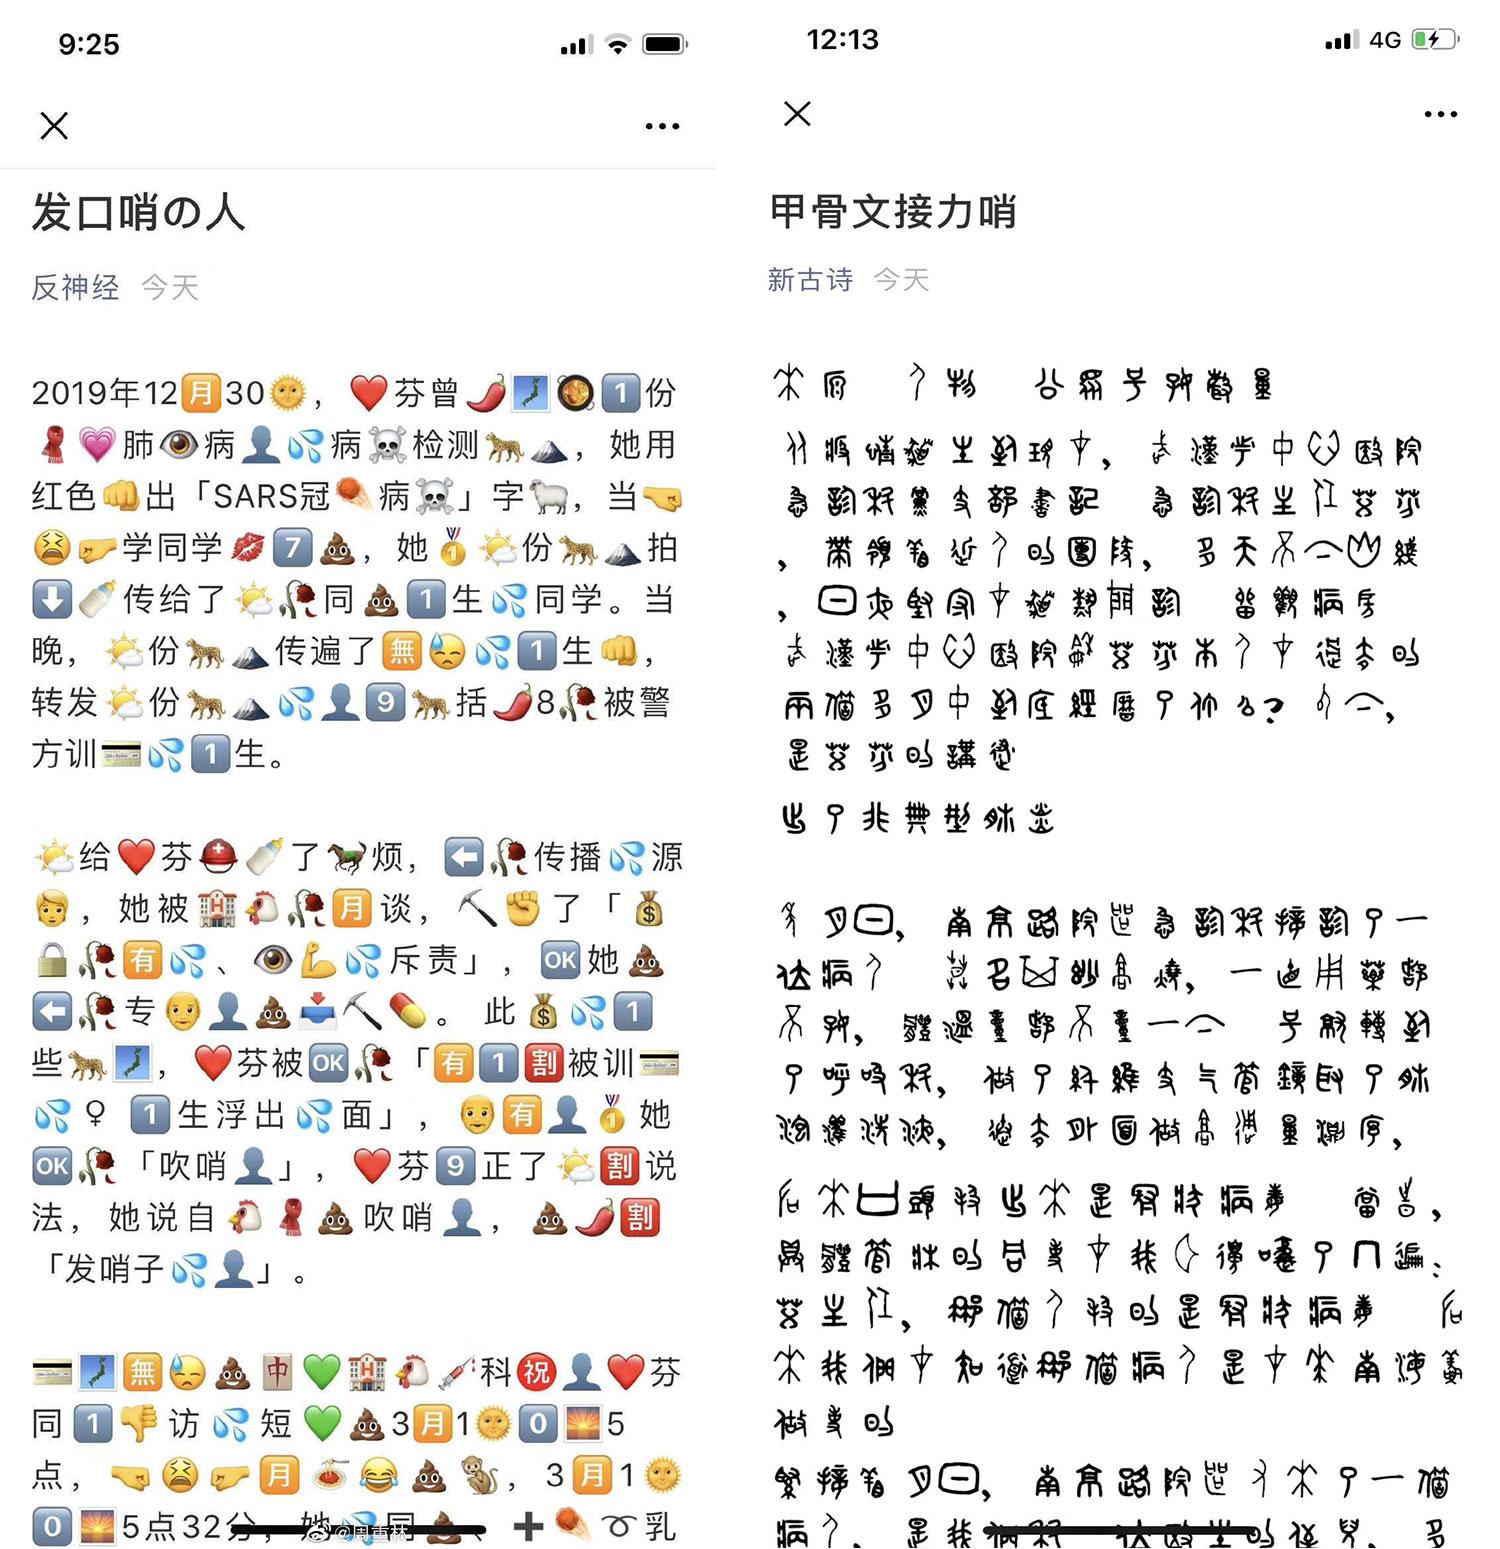 左图:网民想出各种方式传递信息。右图:网民用甲骨文发表《发哨子的人》。(微信截图/乔龙提供)